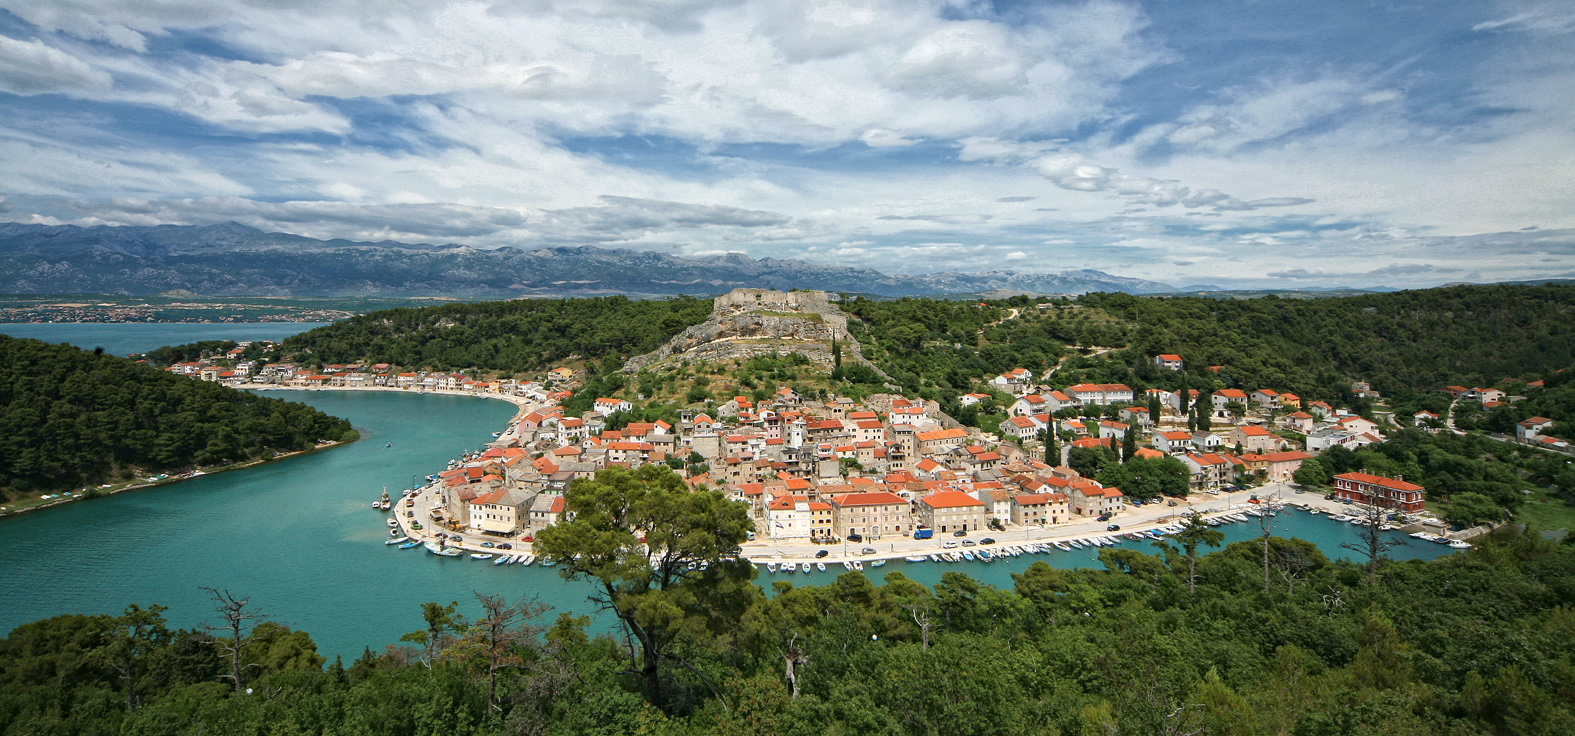 Novigrad (Zadarska županija)